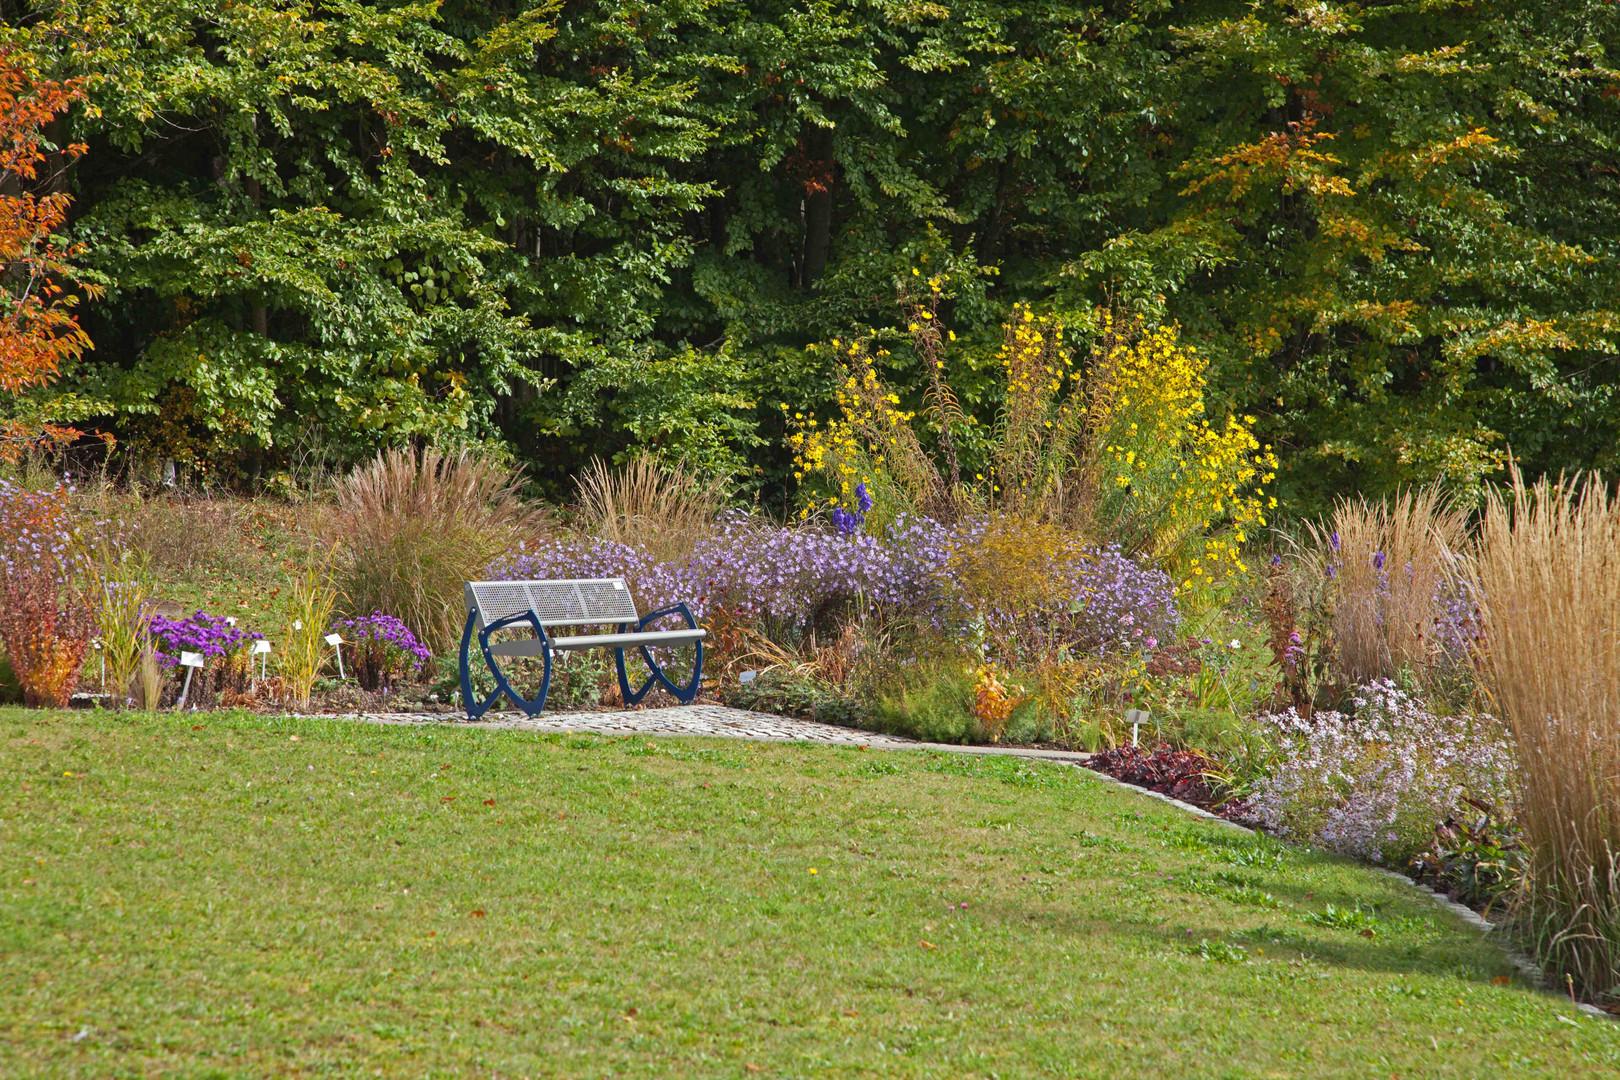 schöner Platz - Botanischer Garten Ulm